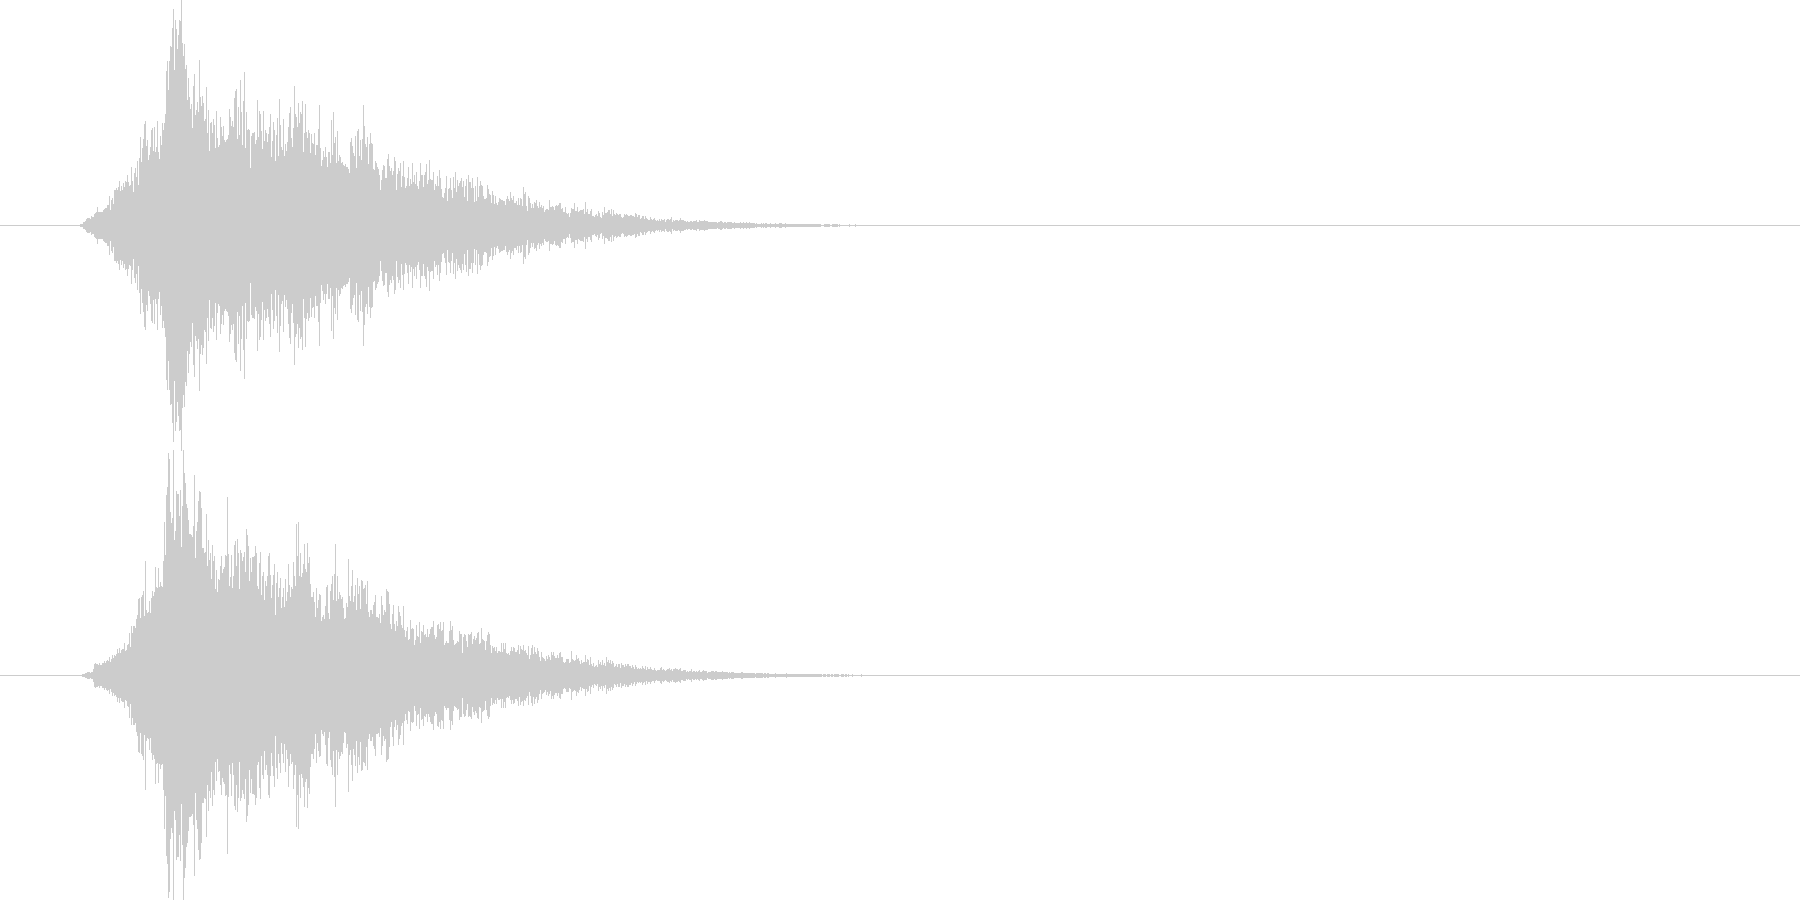 能力がアップする音ですの未再生の波形